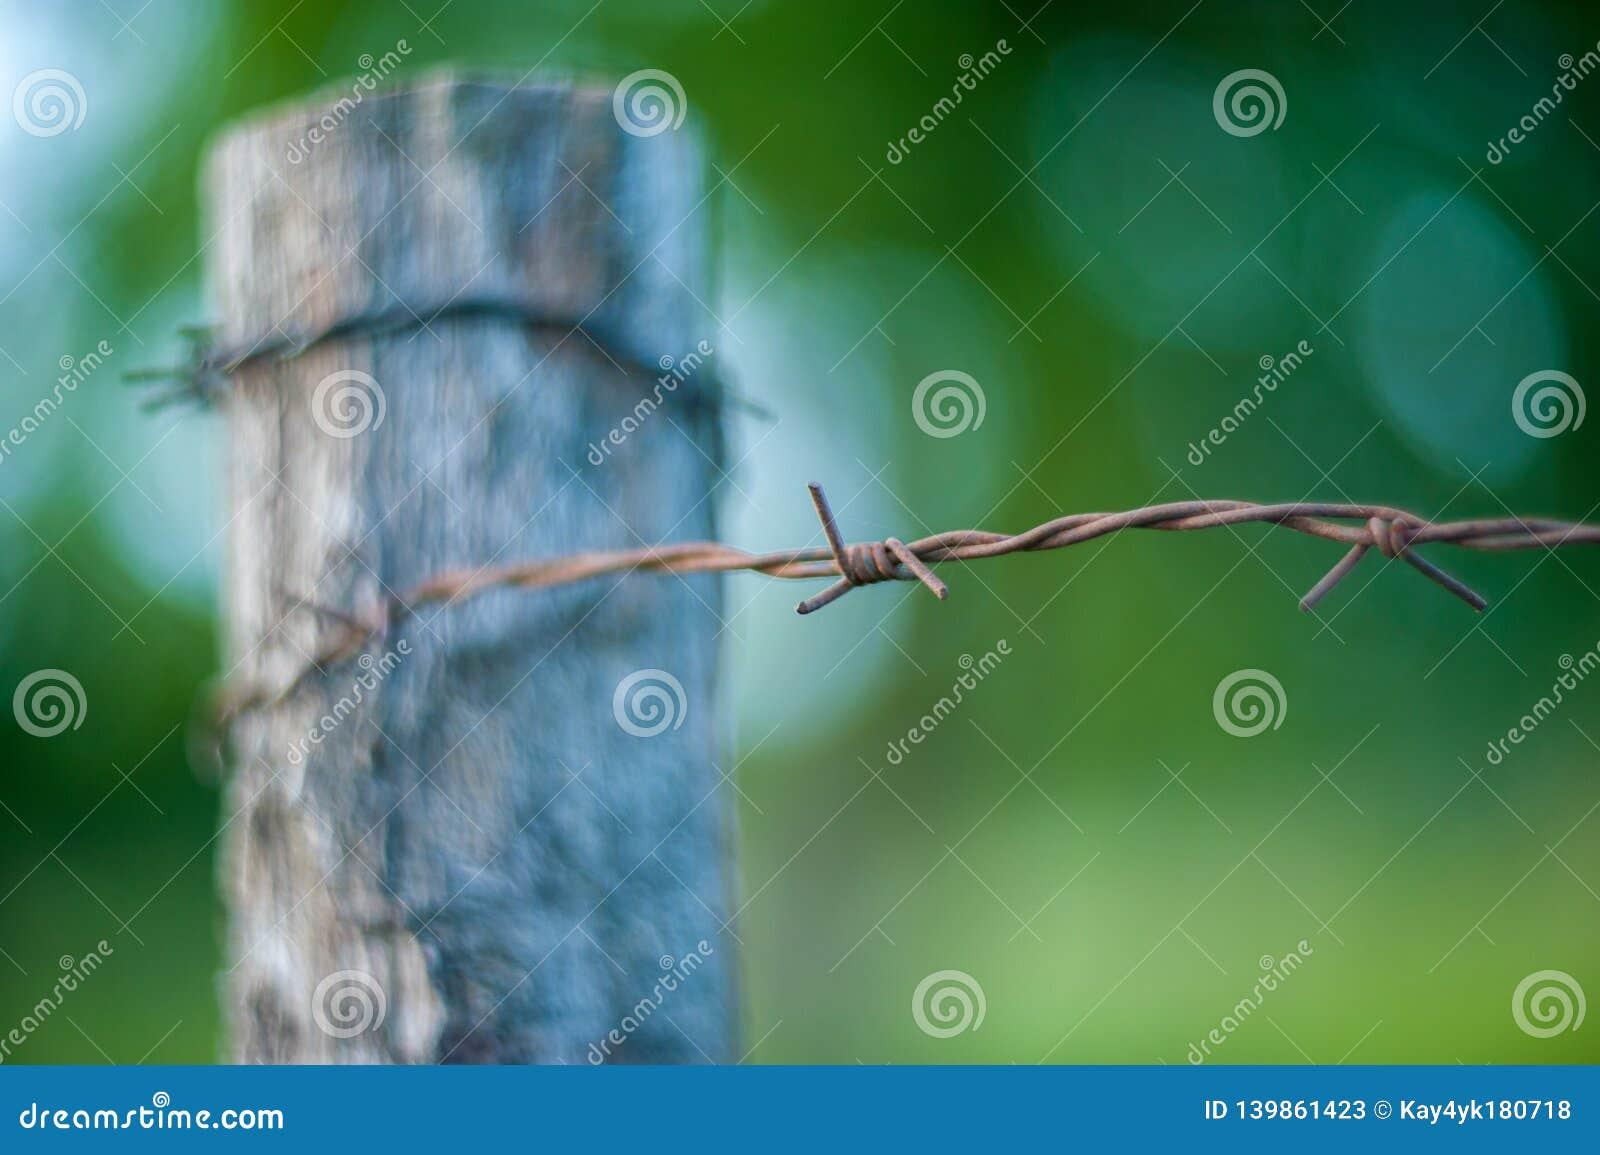 Roestige verwarde die draad aan een pijp wordt gebonden